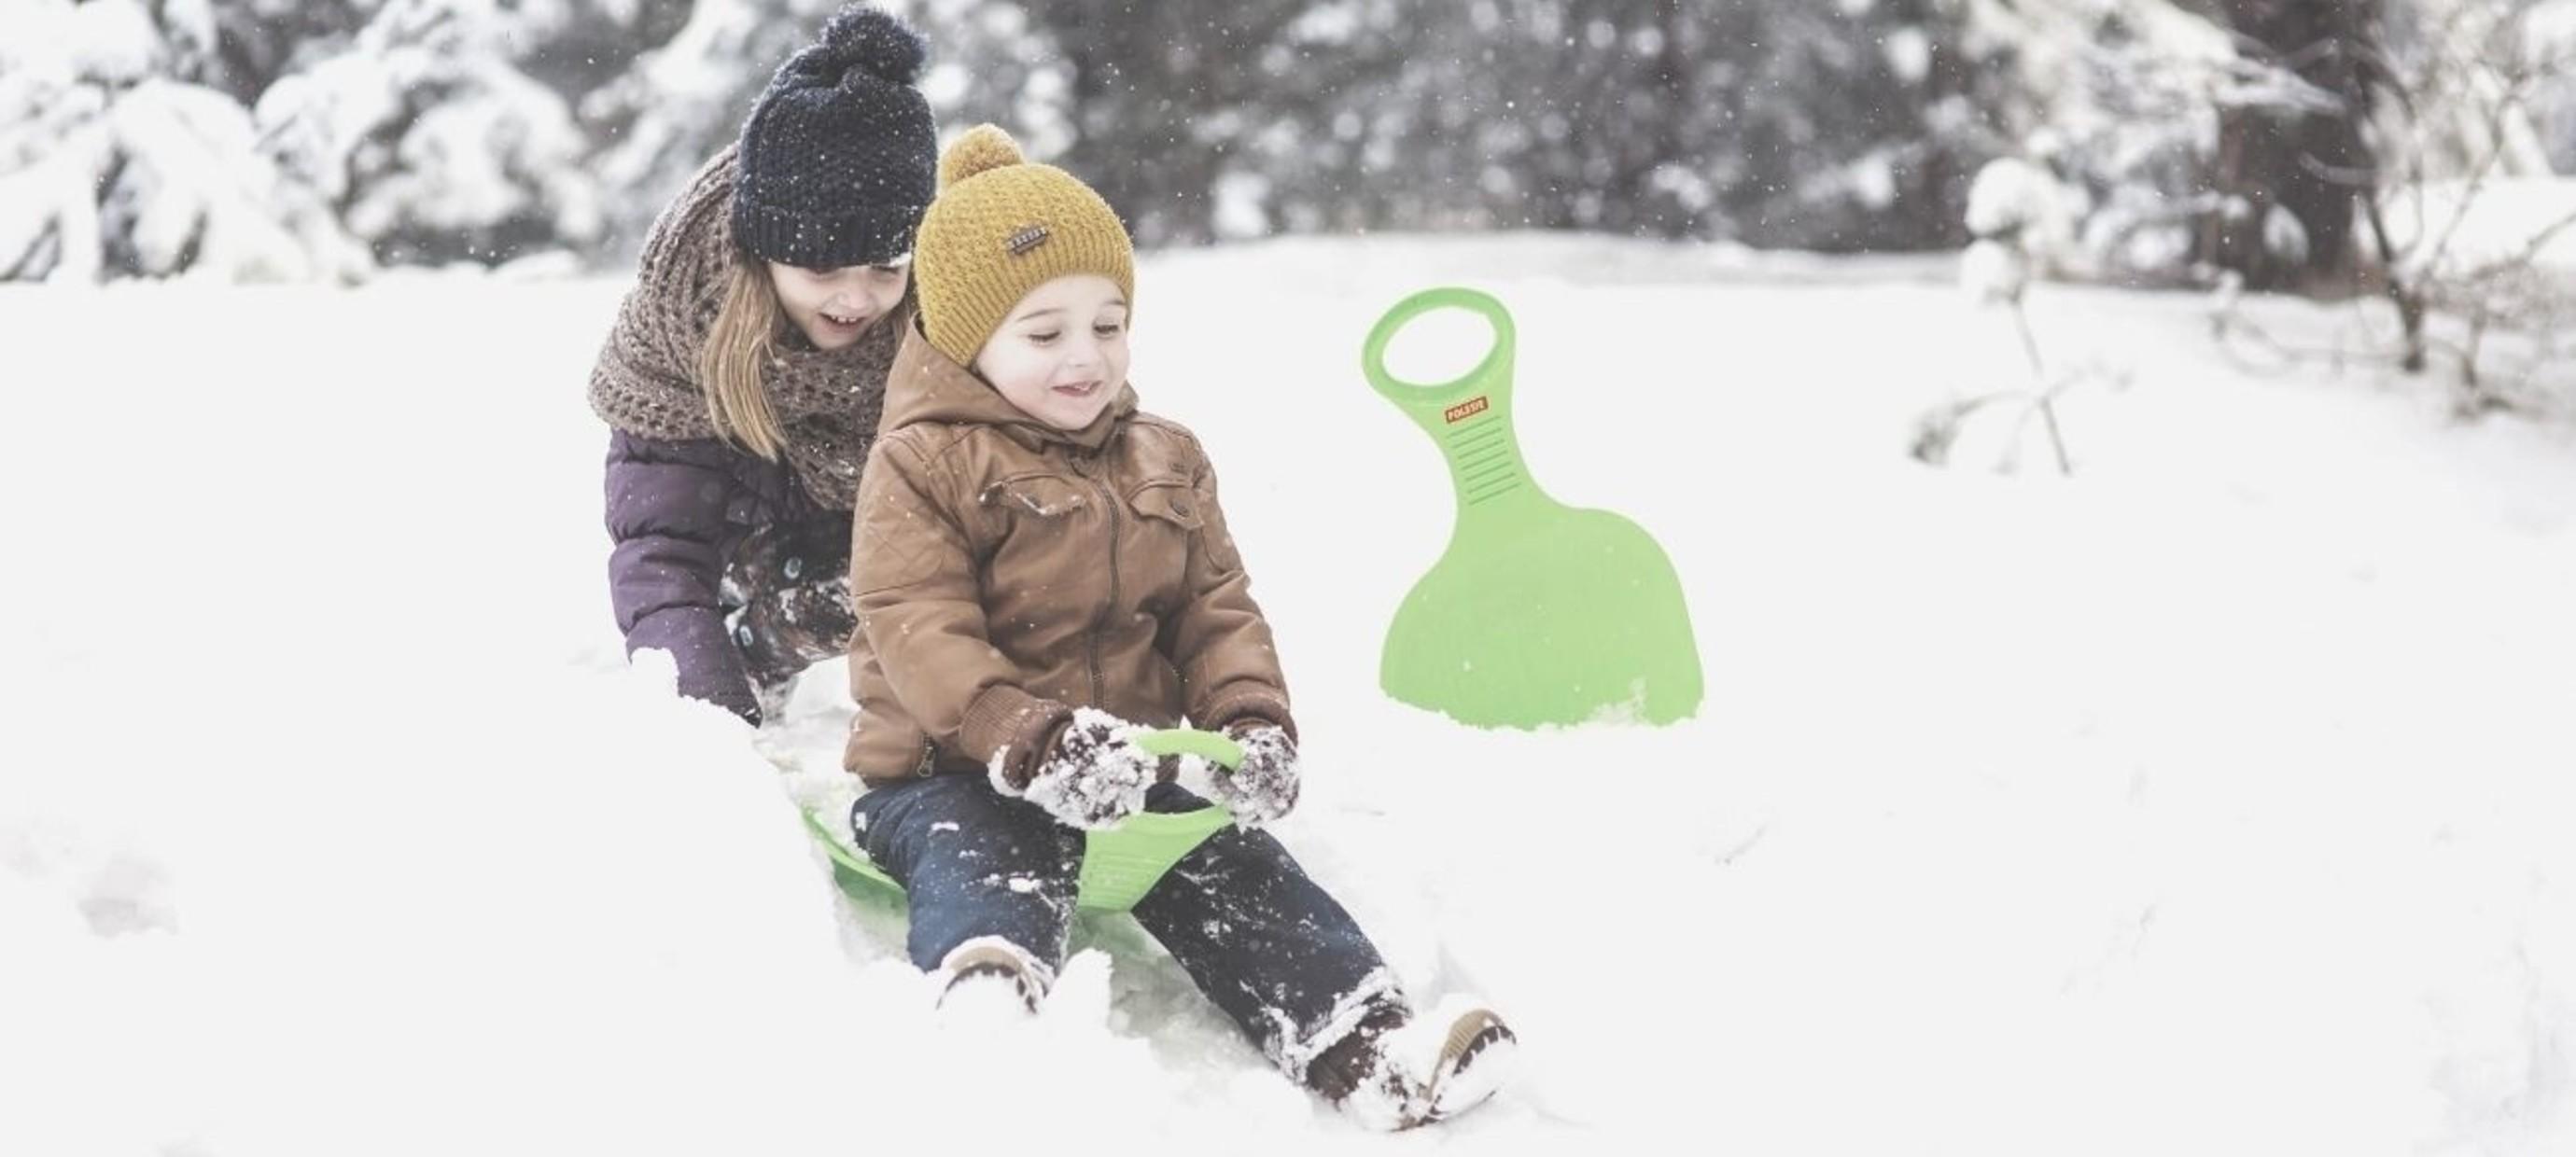 Buitenspeelgoed voor de winter